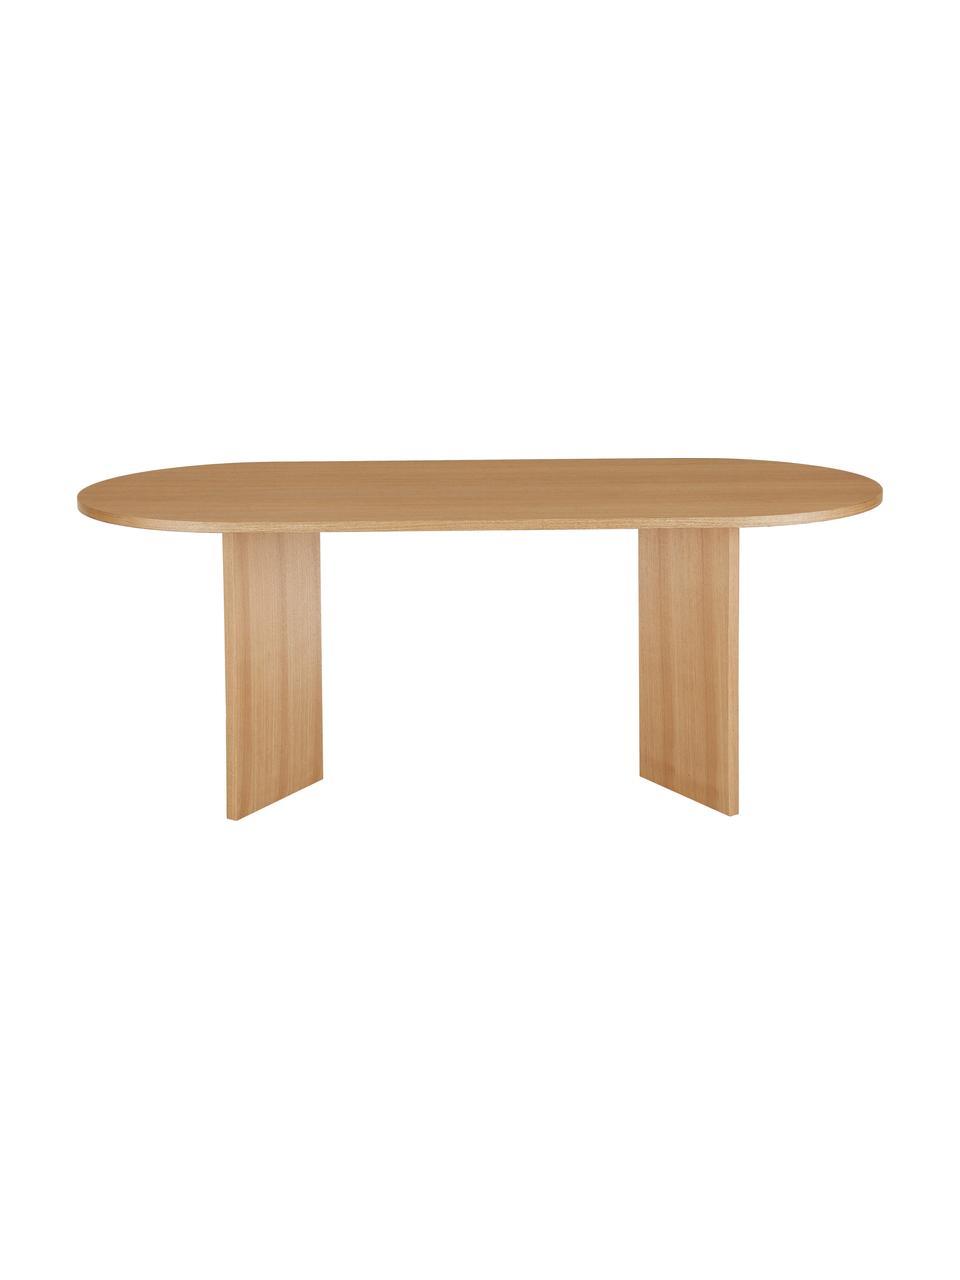 Tavolo ovale in legno Toni, 200 x 90 cm, Pannello di fibra a media densità (MDF) con finitura in frassino, verniciato, Finitura in frassino, Larg. 200 x Prof. 90 cm